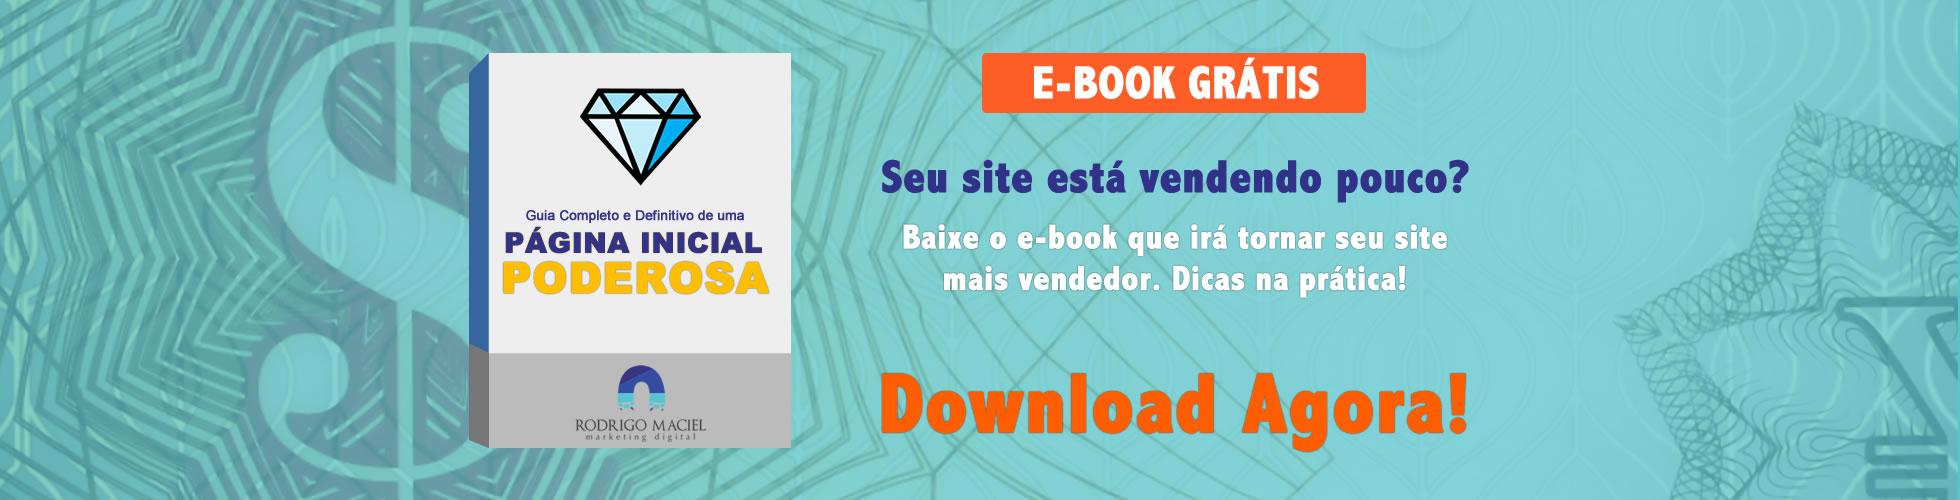 E-book Página Inicial Vendedora e Poderosa